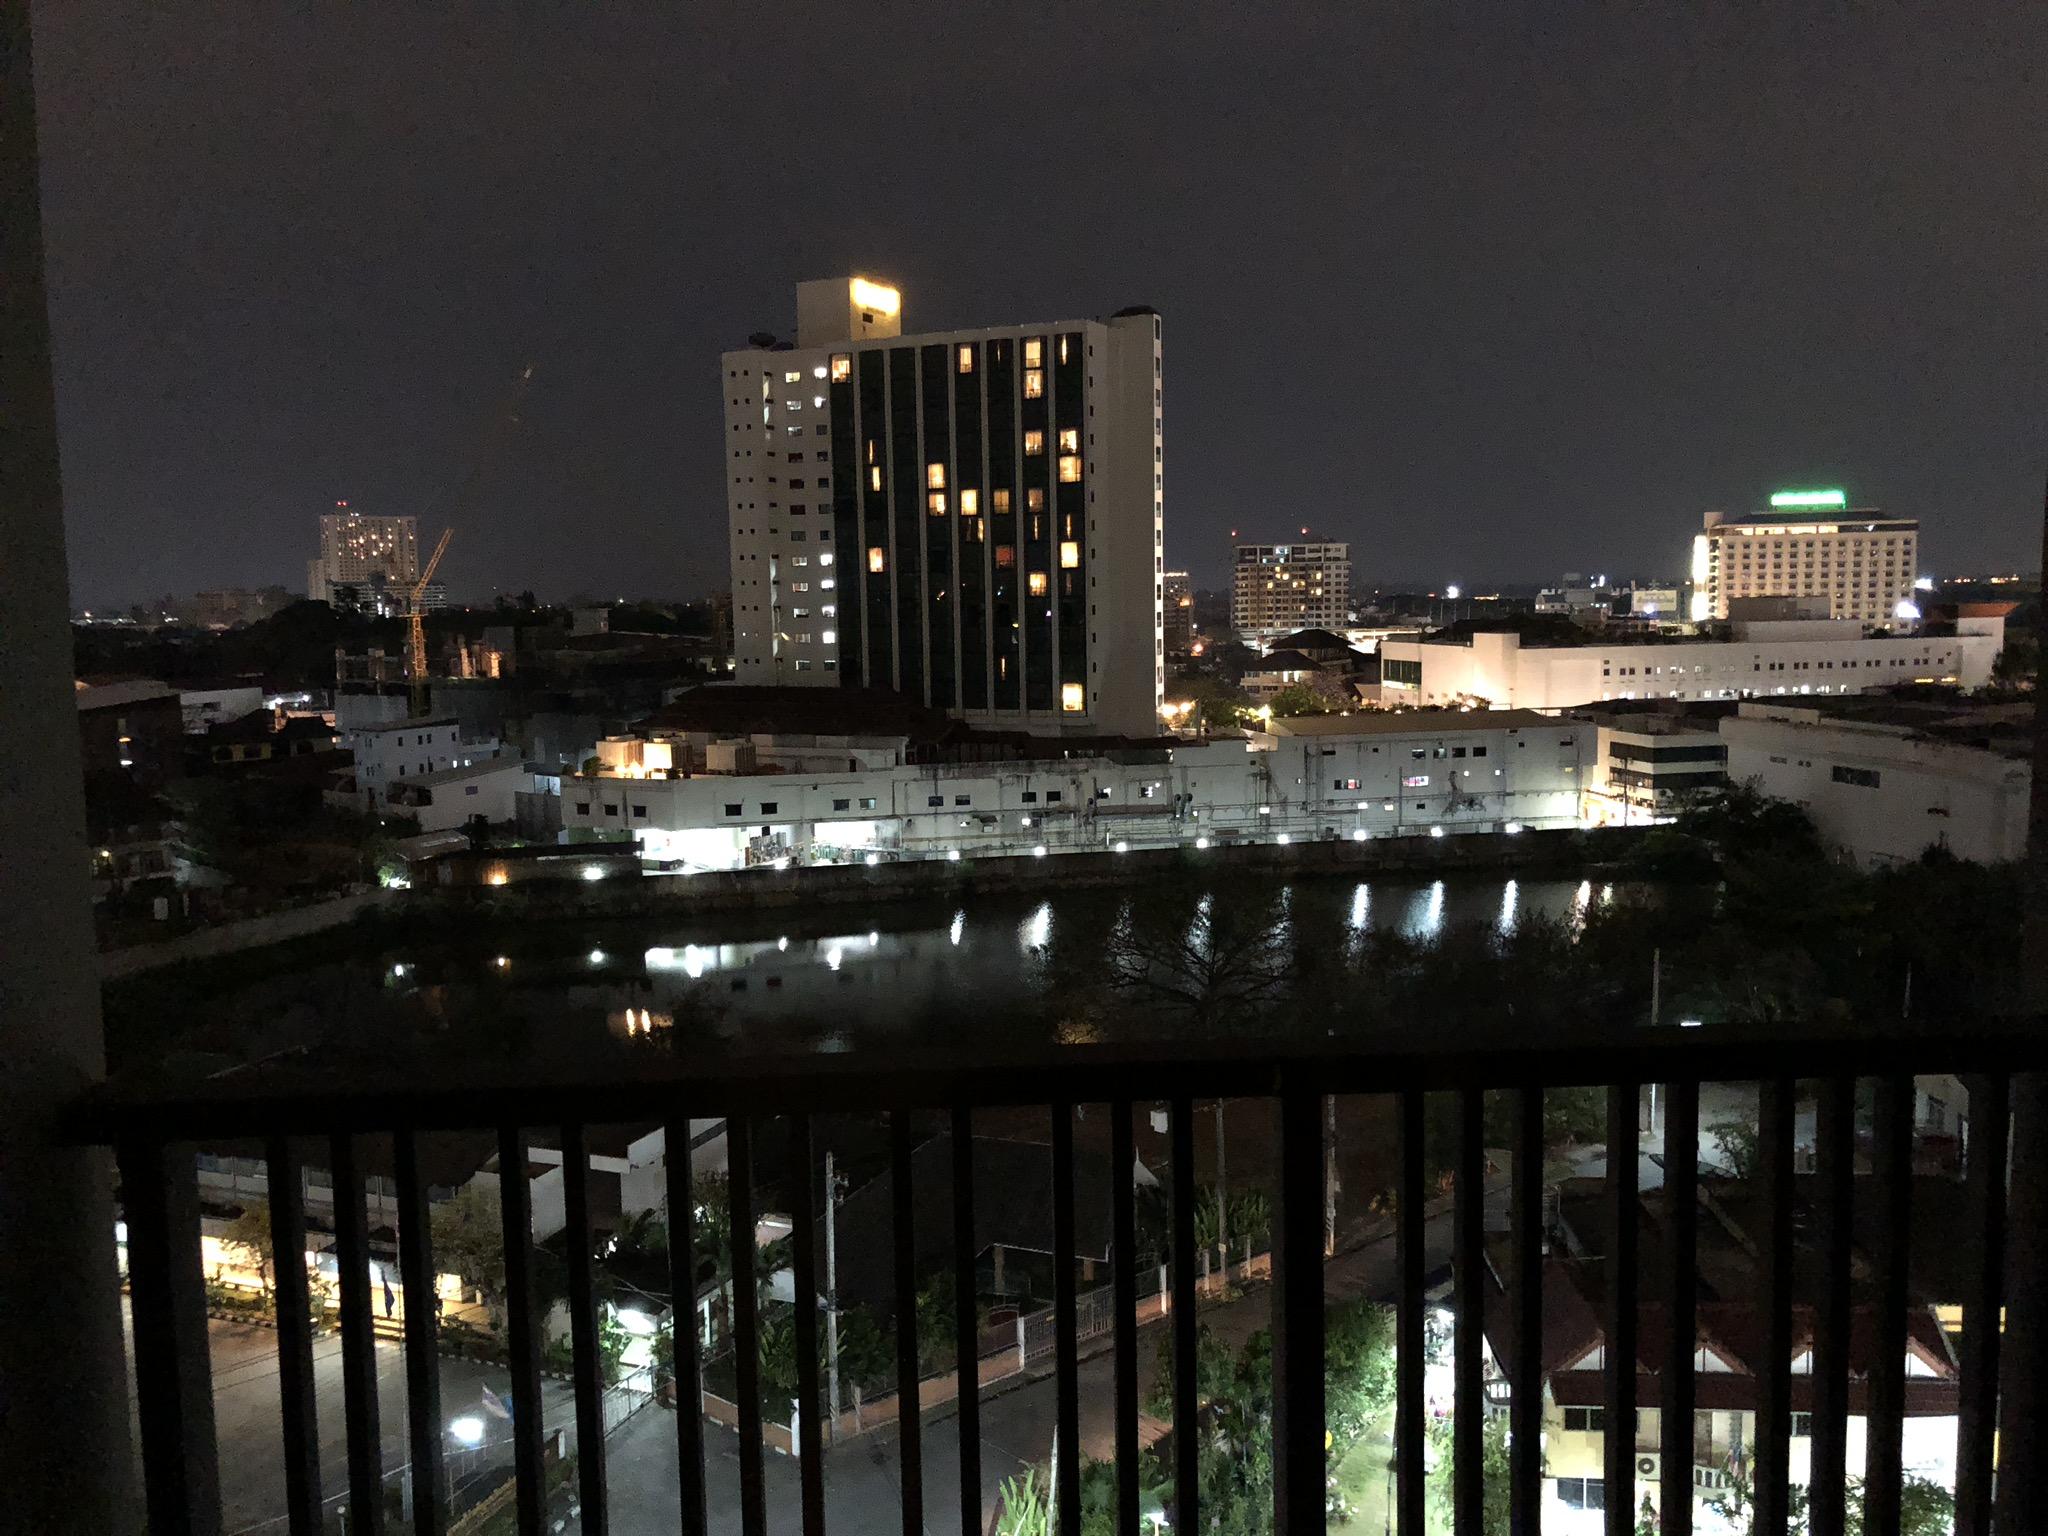 Night City Shot